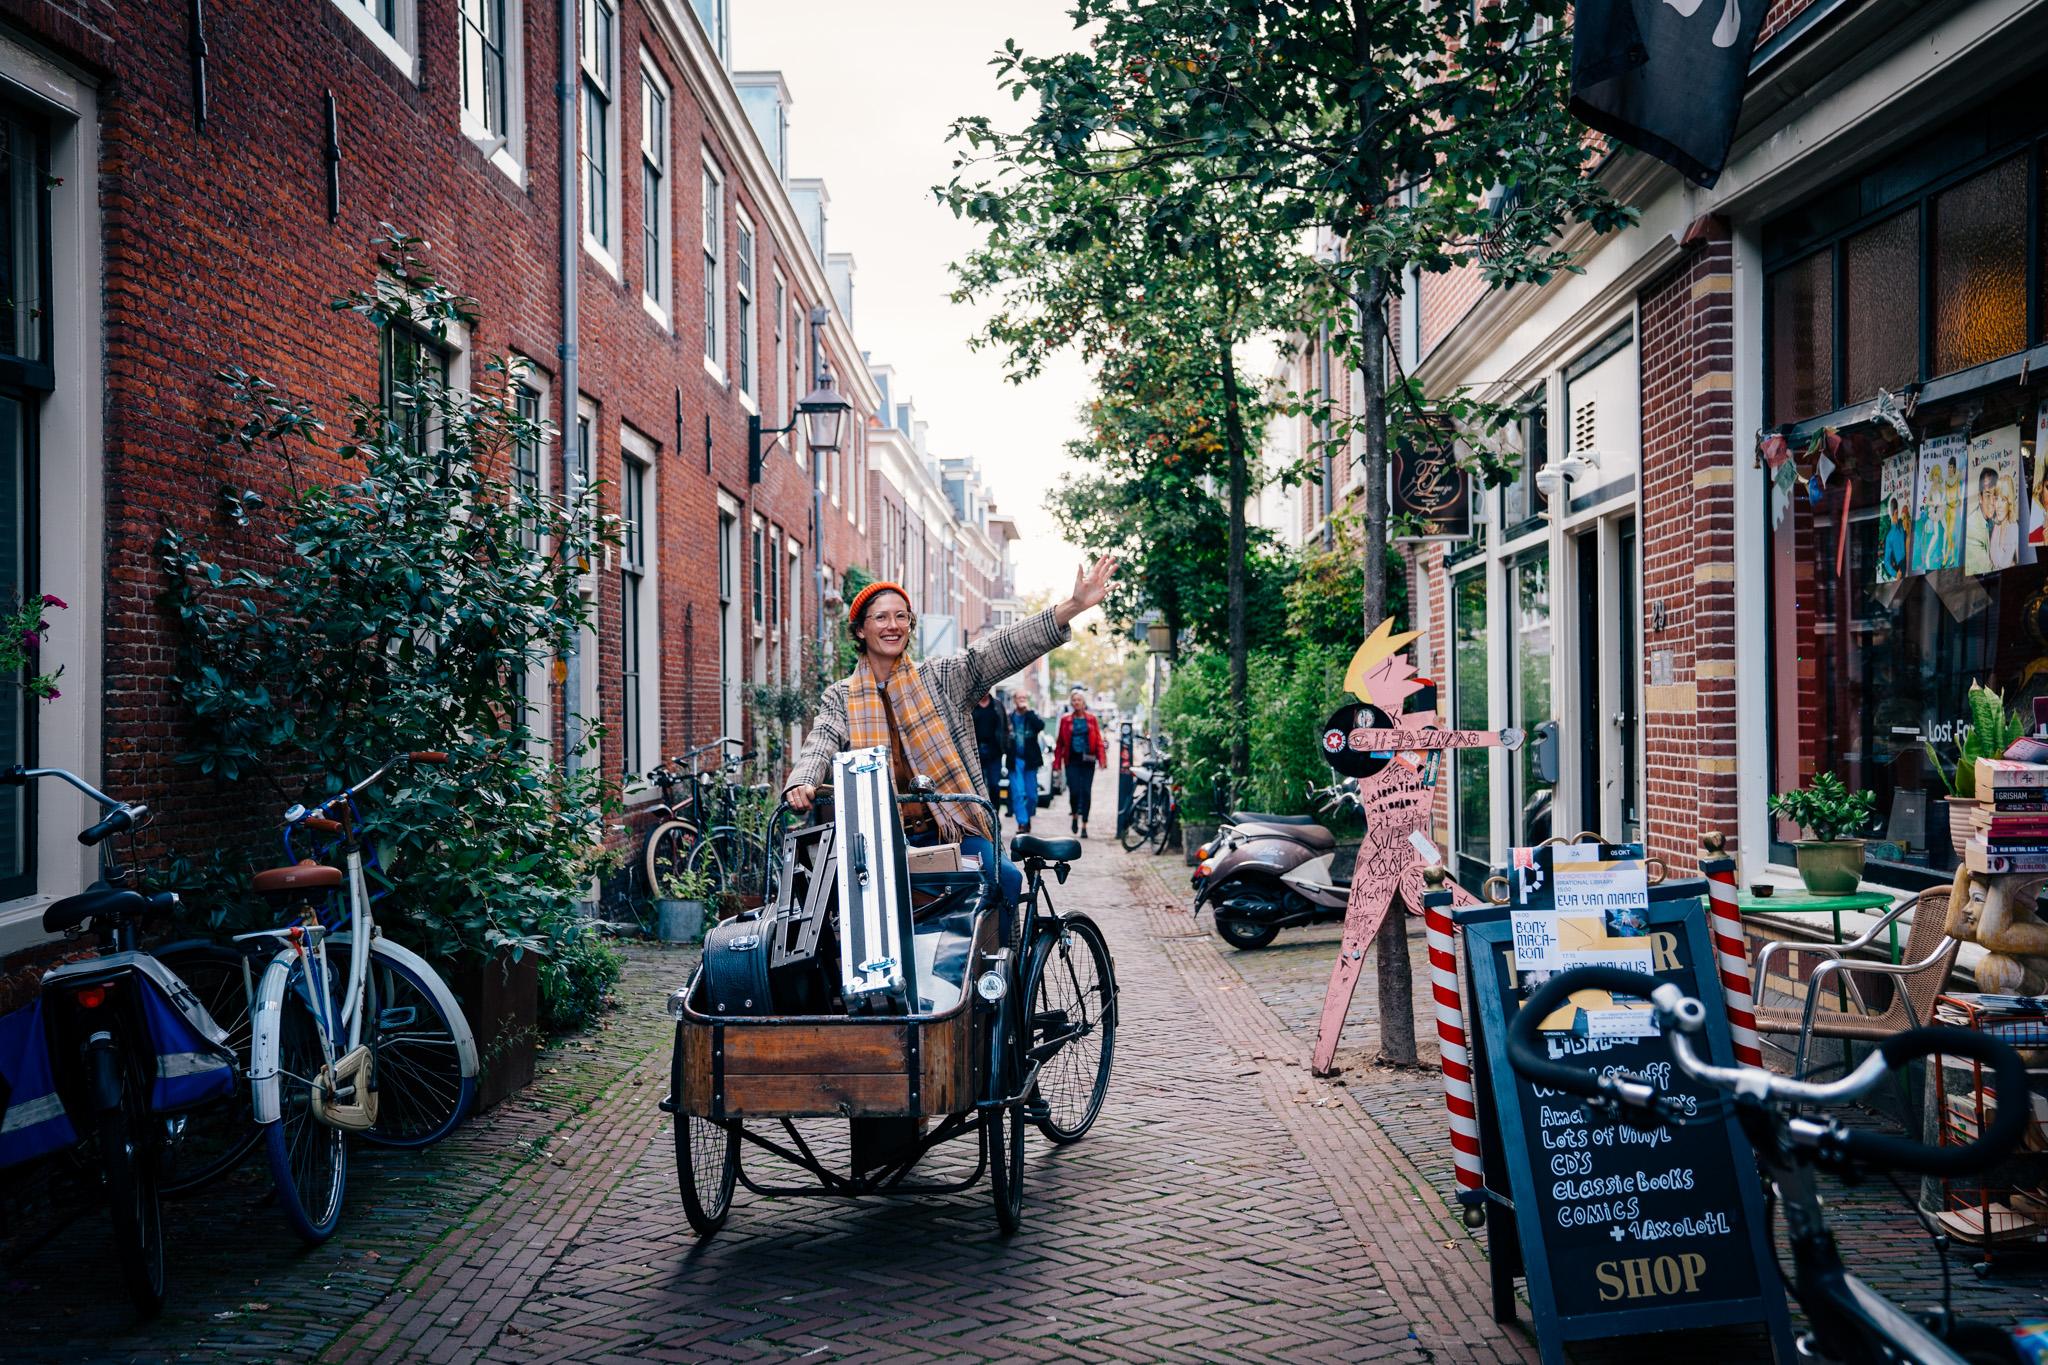 20191005_0112_Popronde_Haarlem_Sfeer_JessieKamp.jpg